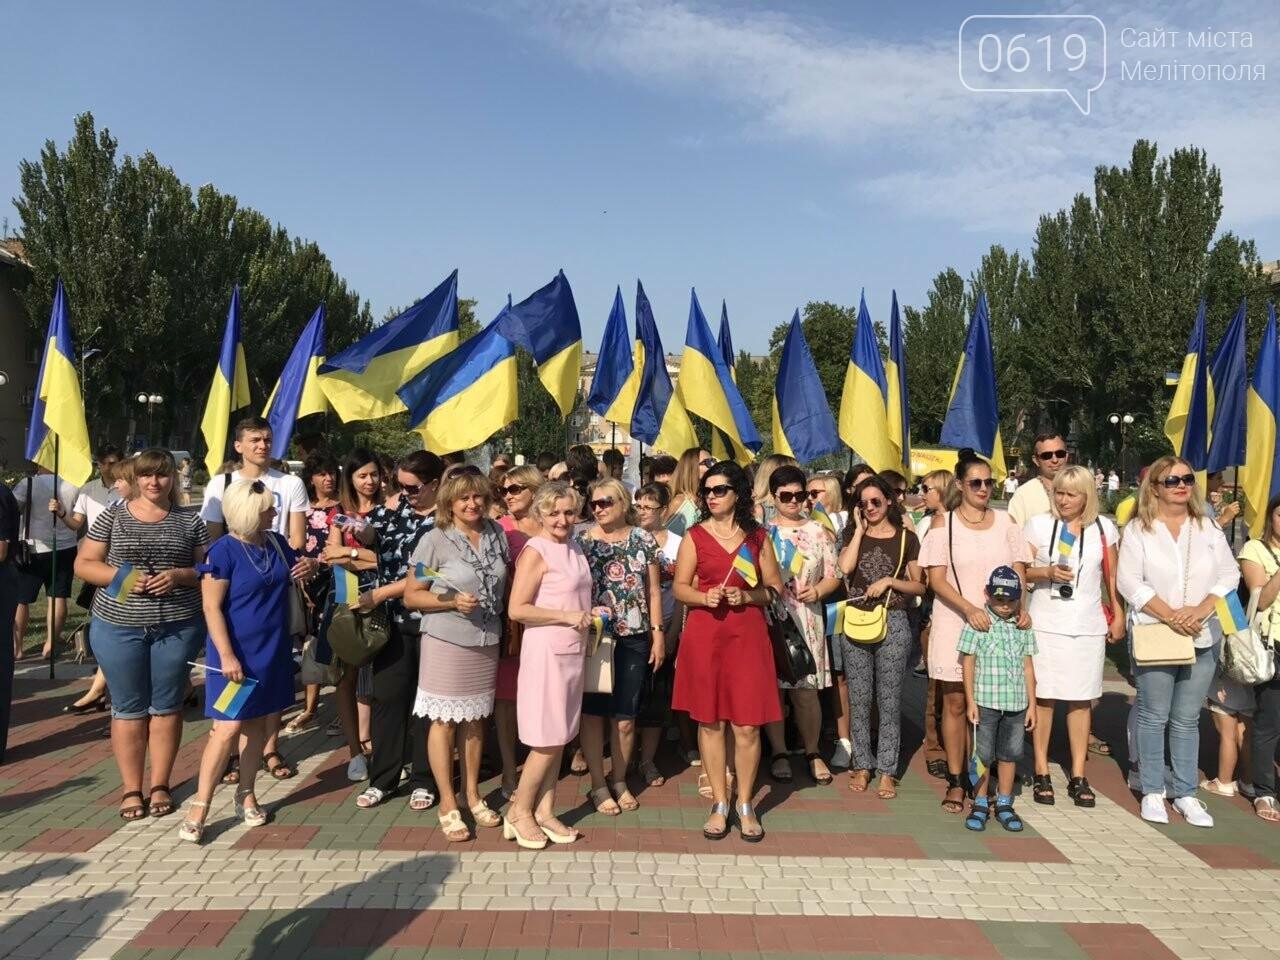 Мелитопольцы отметили День Государственного флага Украины, фото-2